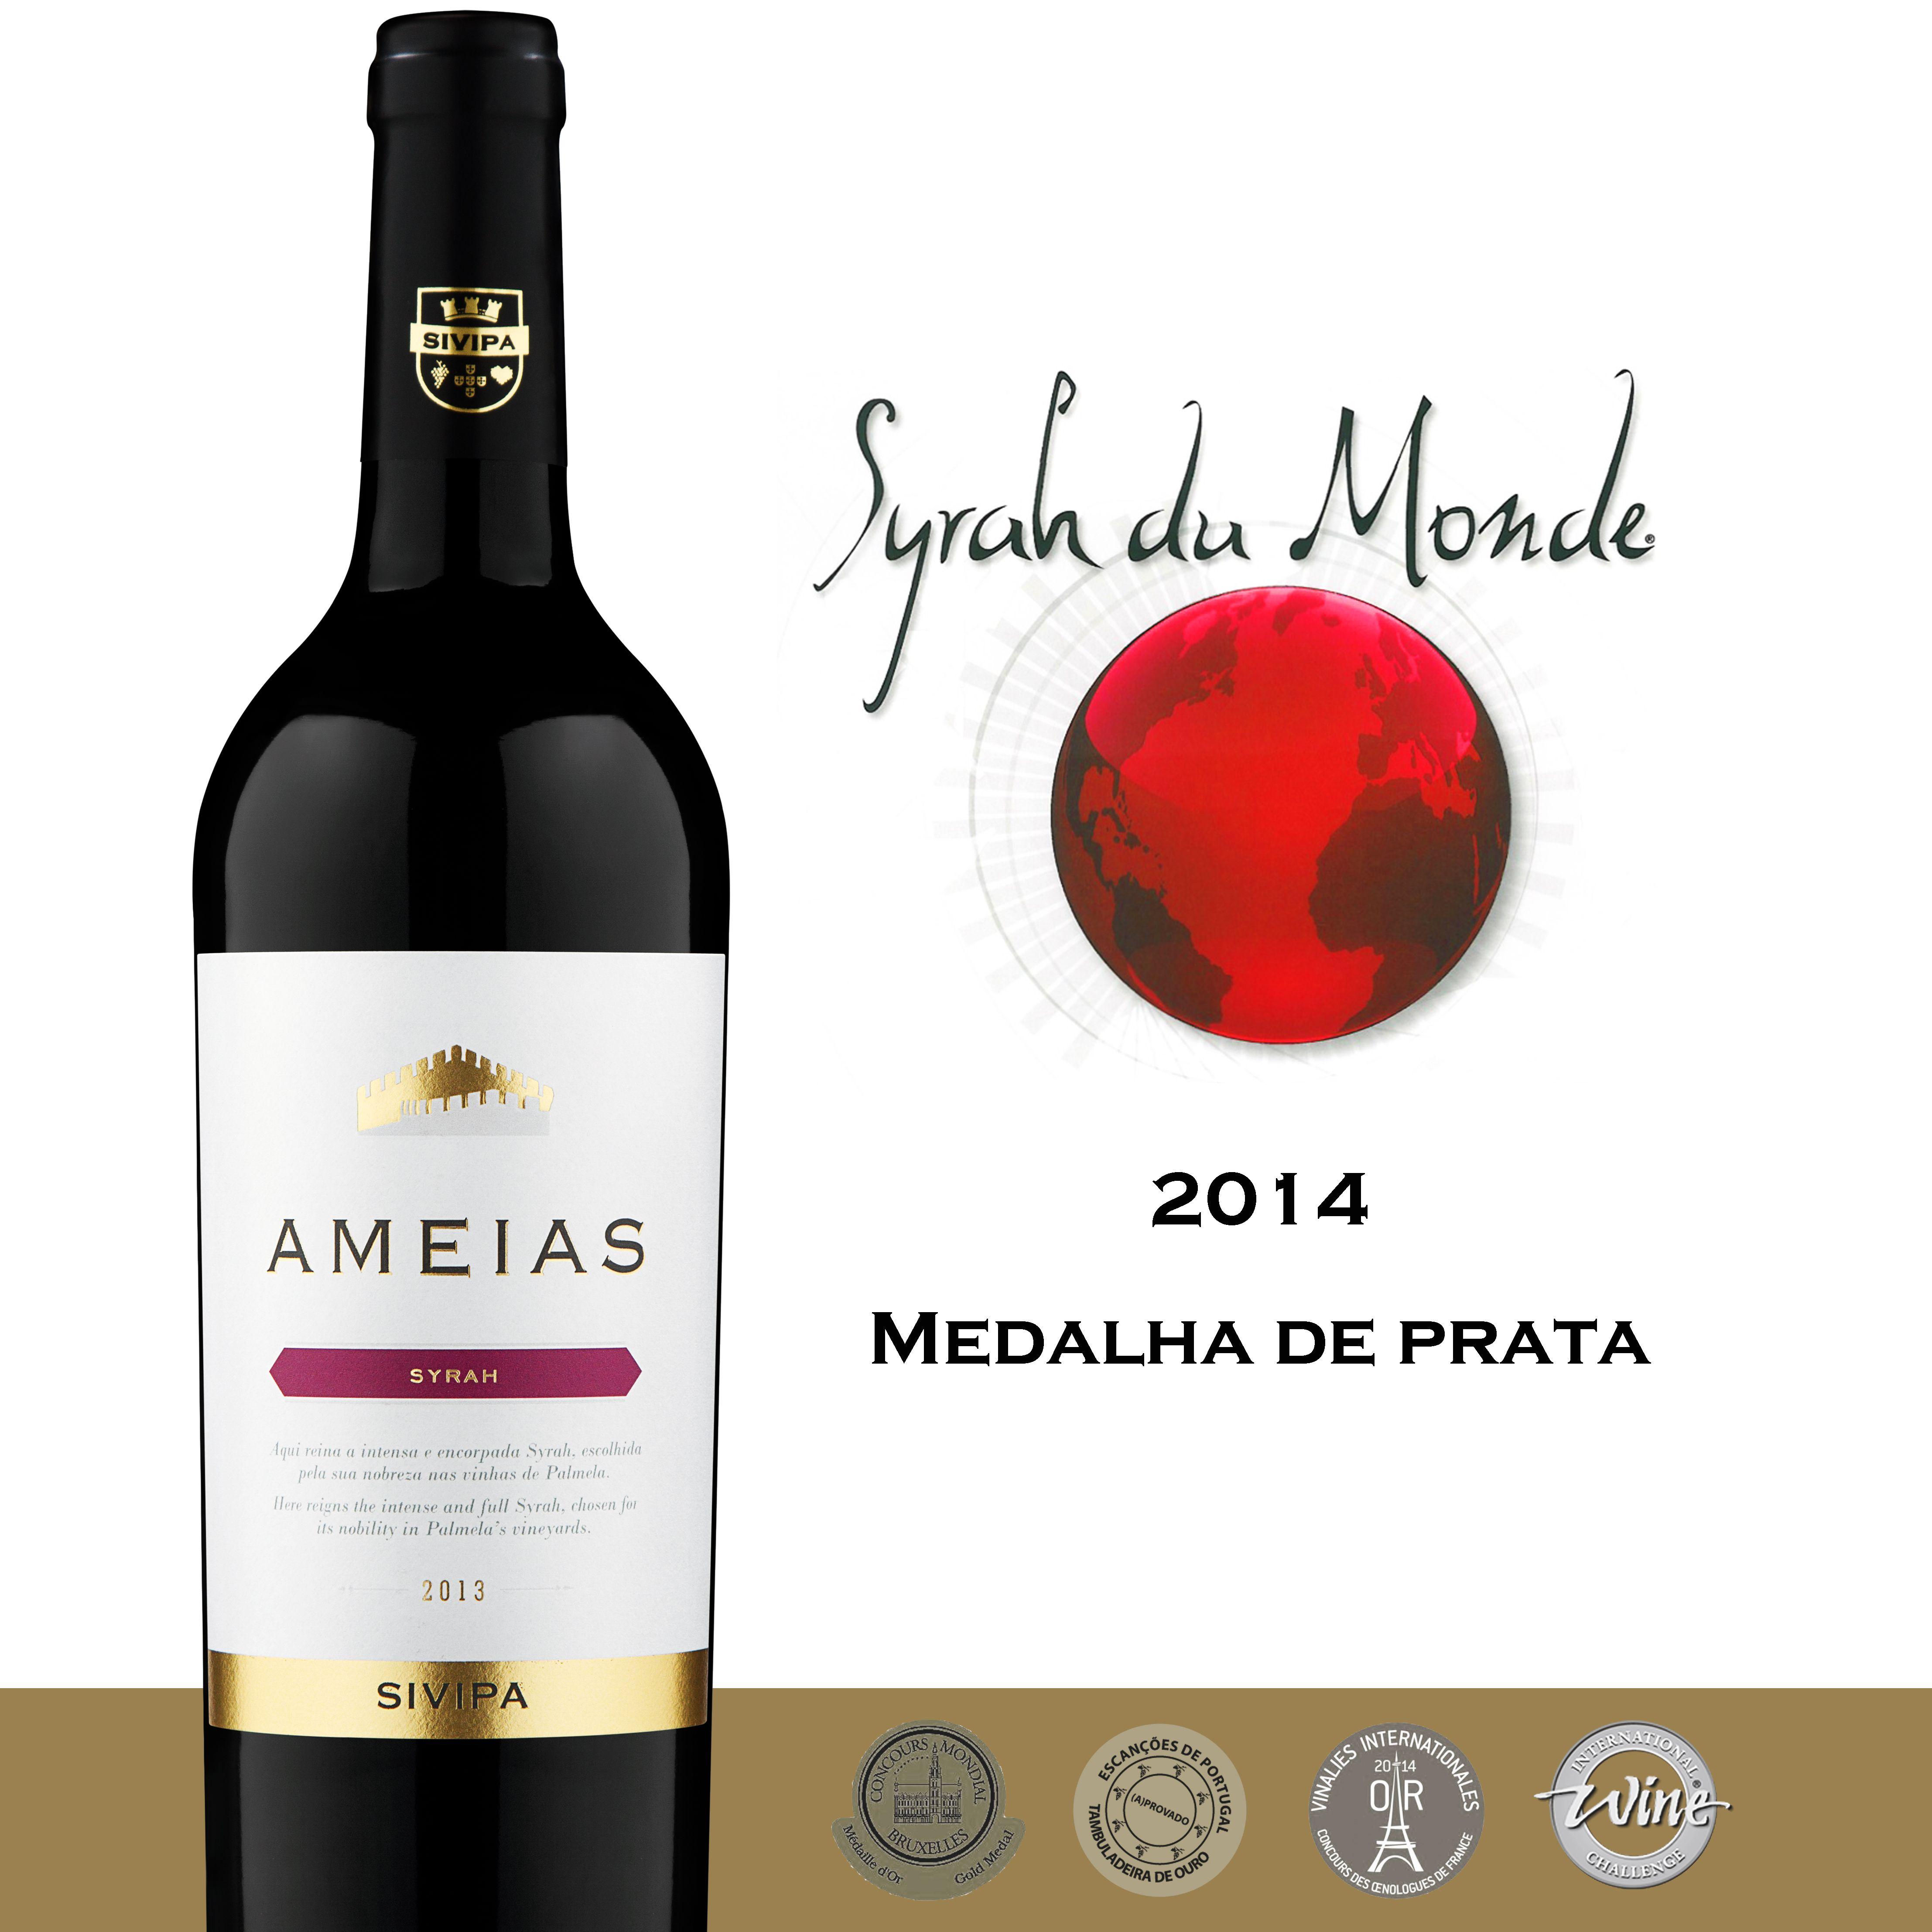 Ameias Sivipa 2013 - Silver medal Syrah du monde